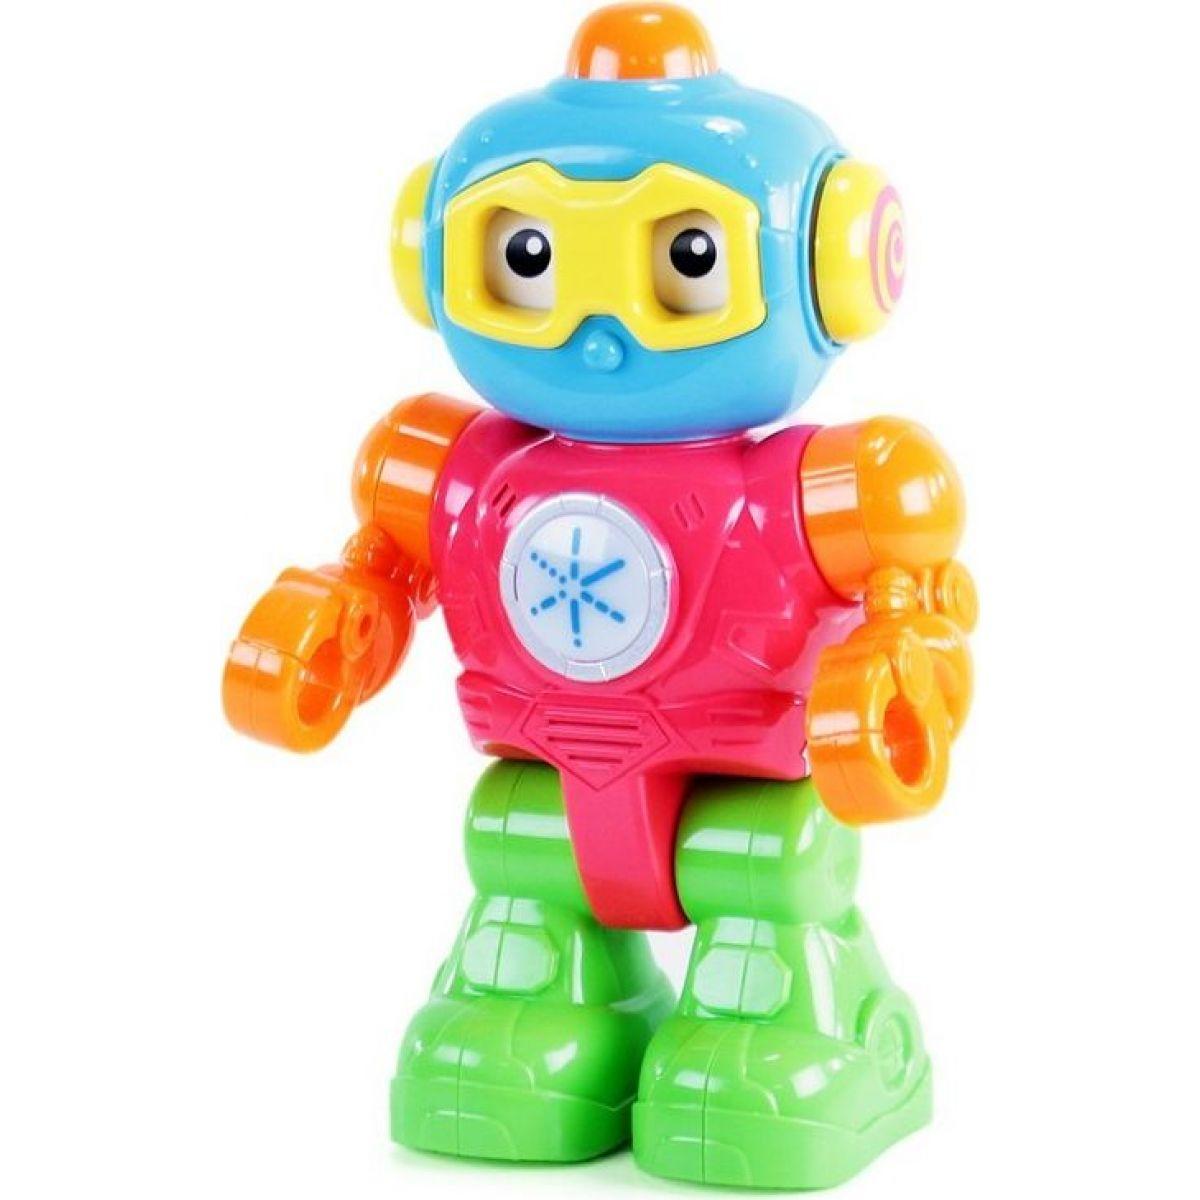 Rappa robot farebný so svetlom a zvukom